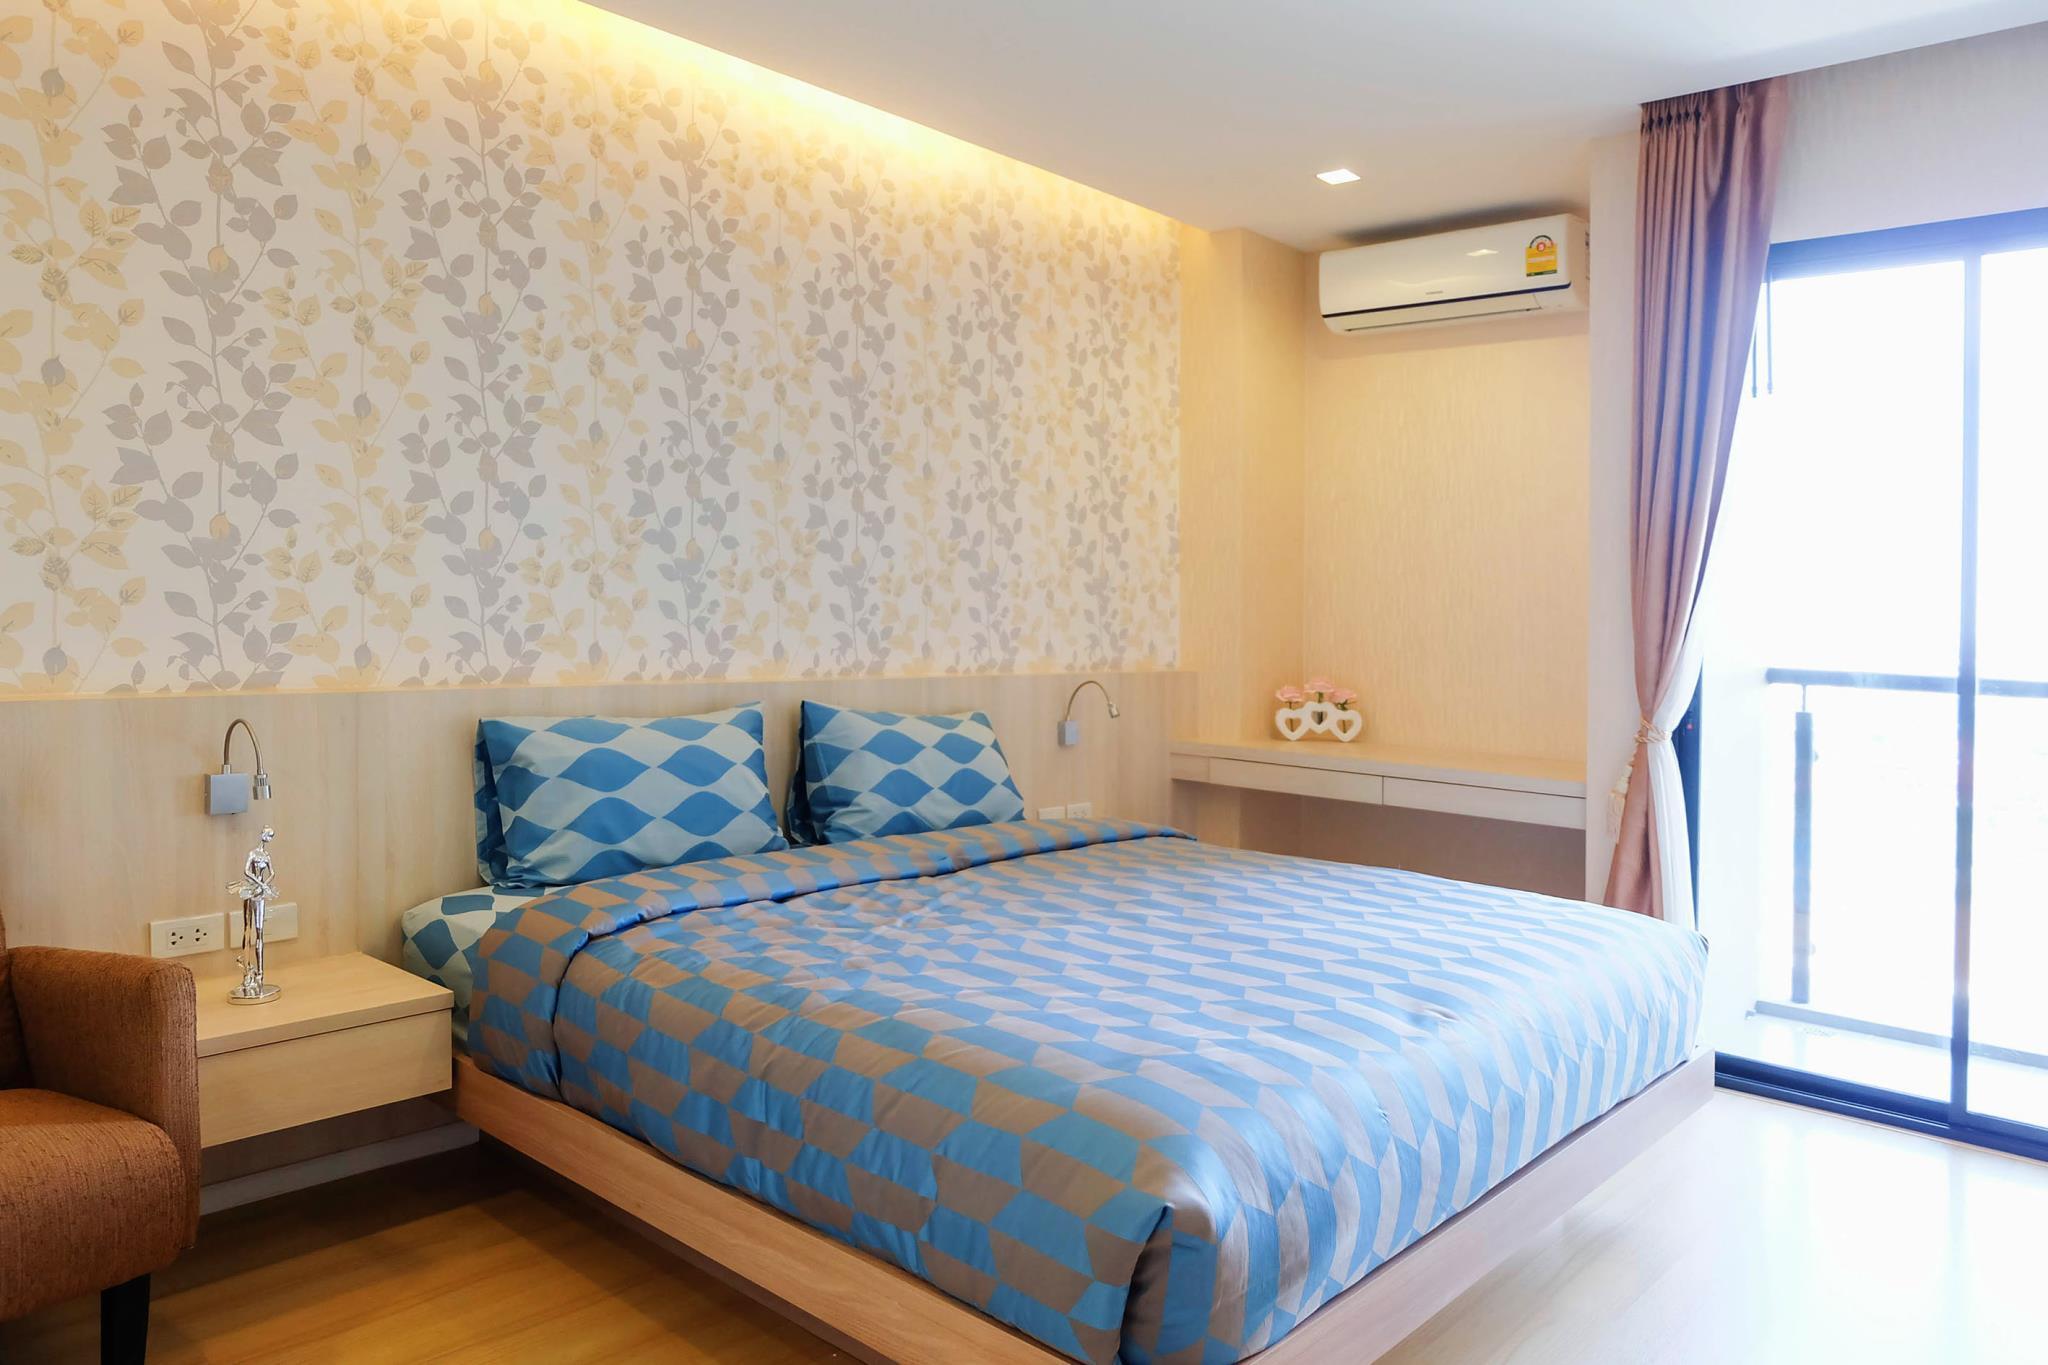 Kanyarat Condominium by Wilai type B